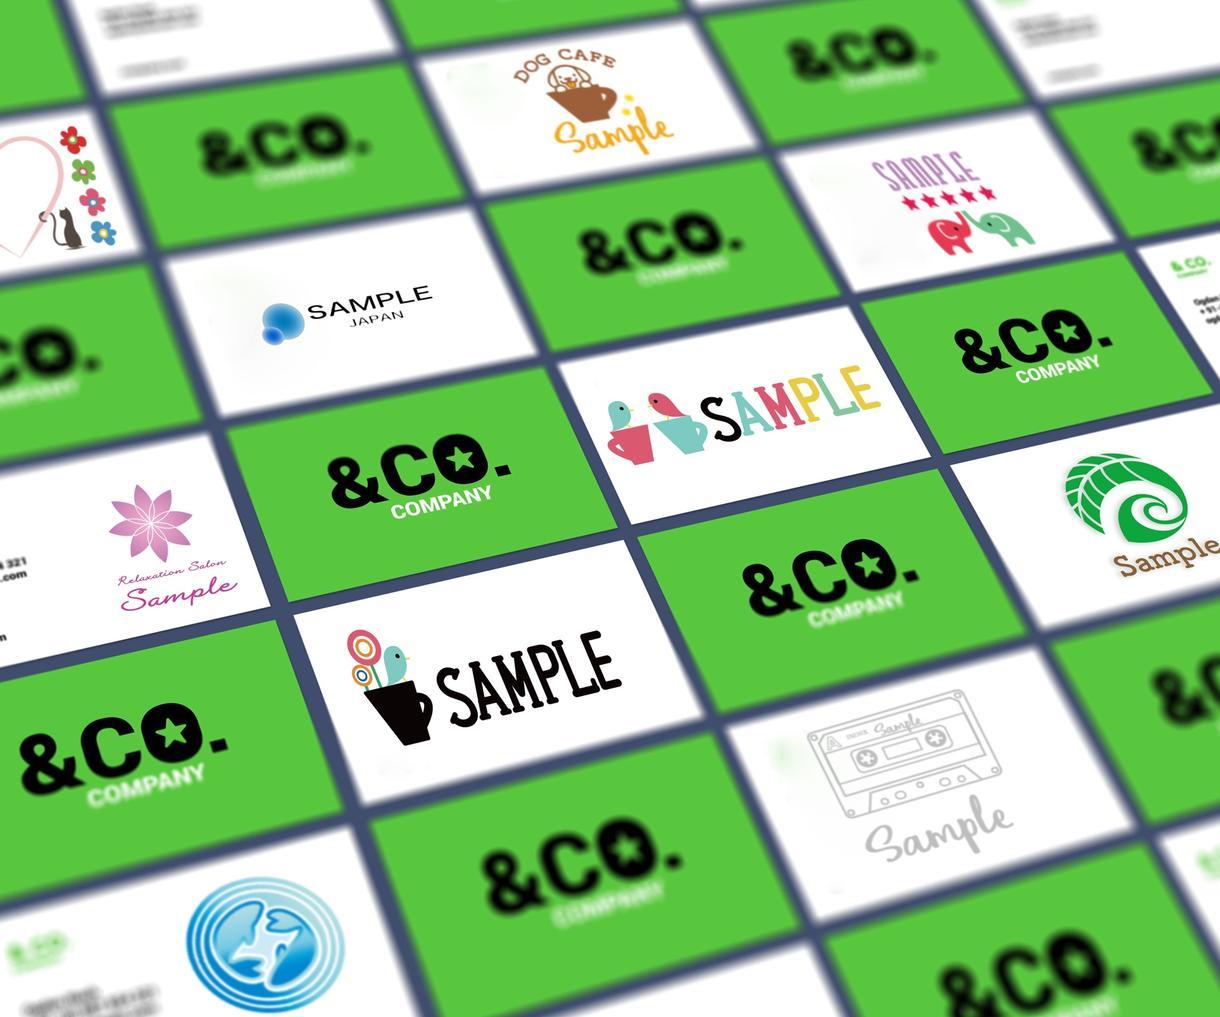 企業様、個人様にご満足頂けるロゴをお作りします ☆格安でクオリティ重視のロゴをお作りします☆